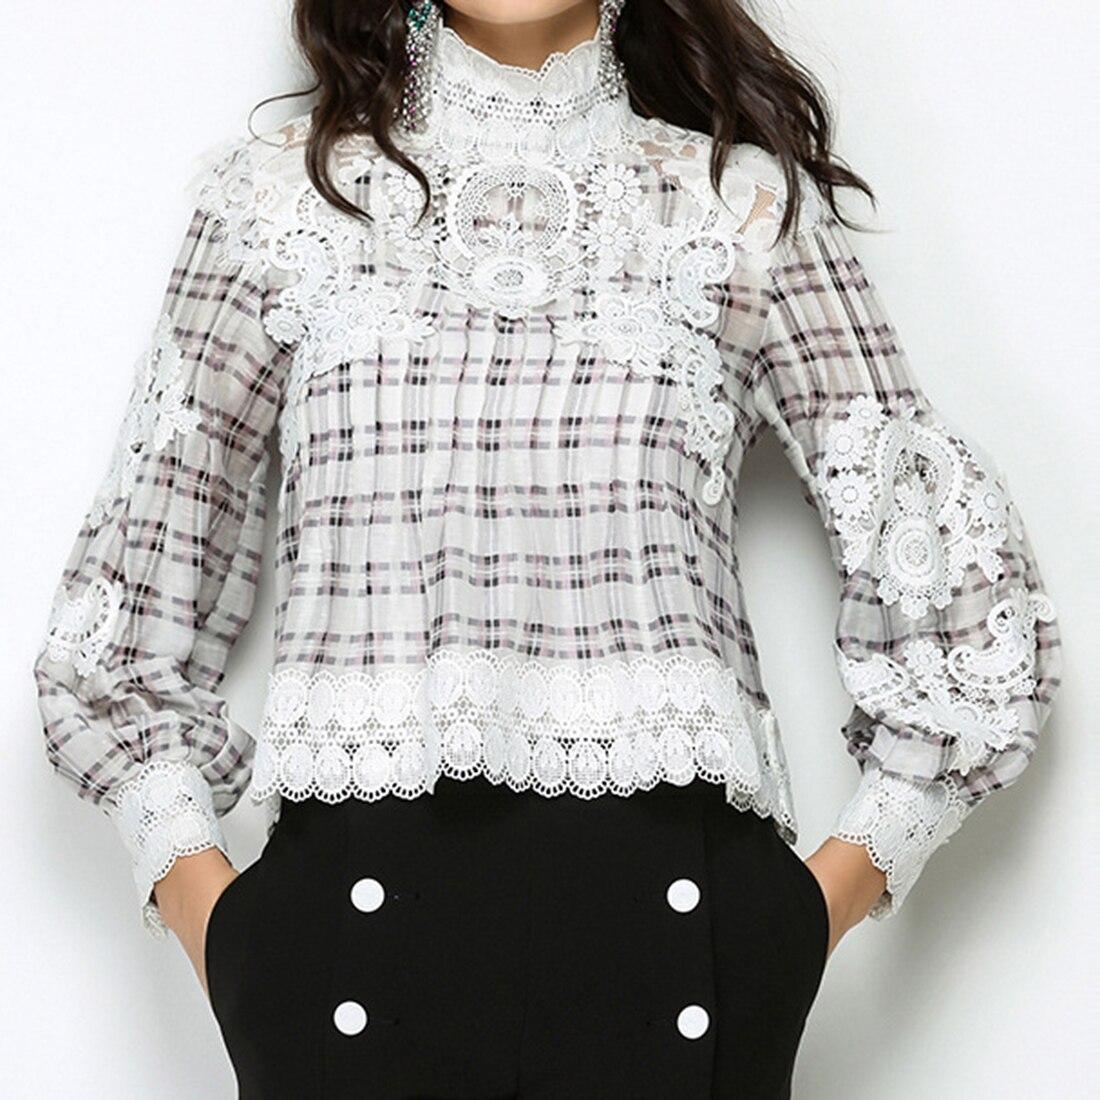 Mode femmes coton lin Floral broderie Blouses chemise blanche Boho ethnique à manches longues plaid chemises Vintage rétro décontracté hauts